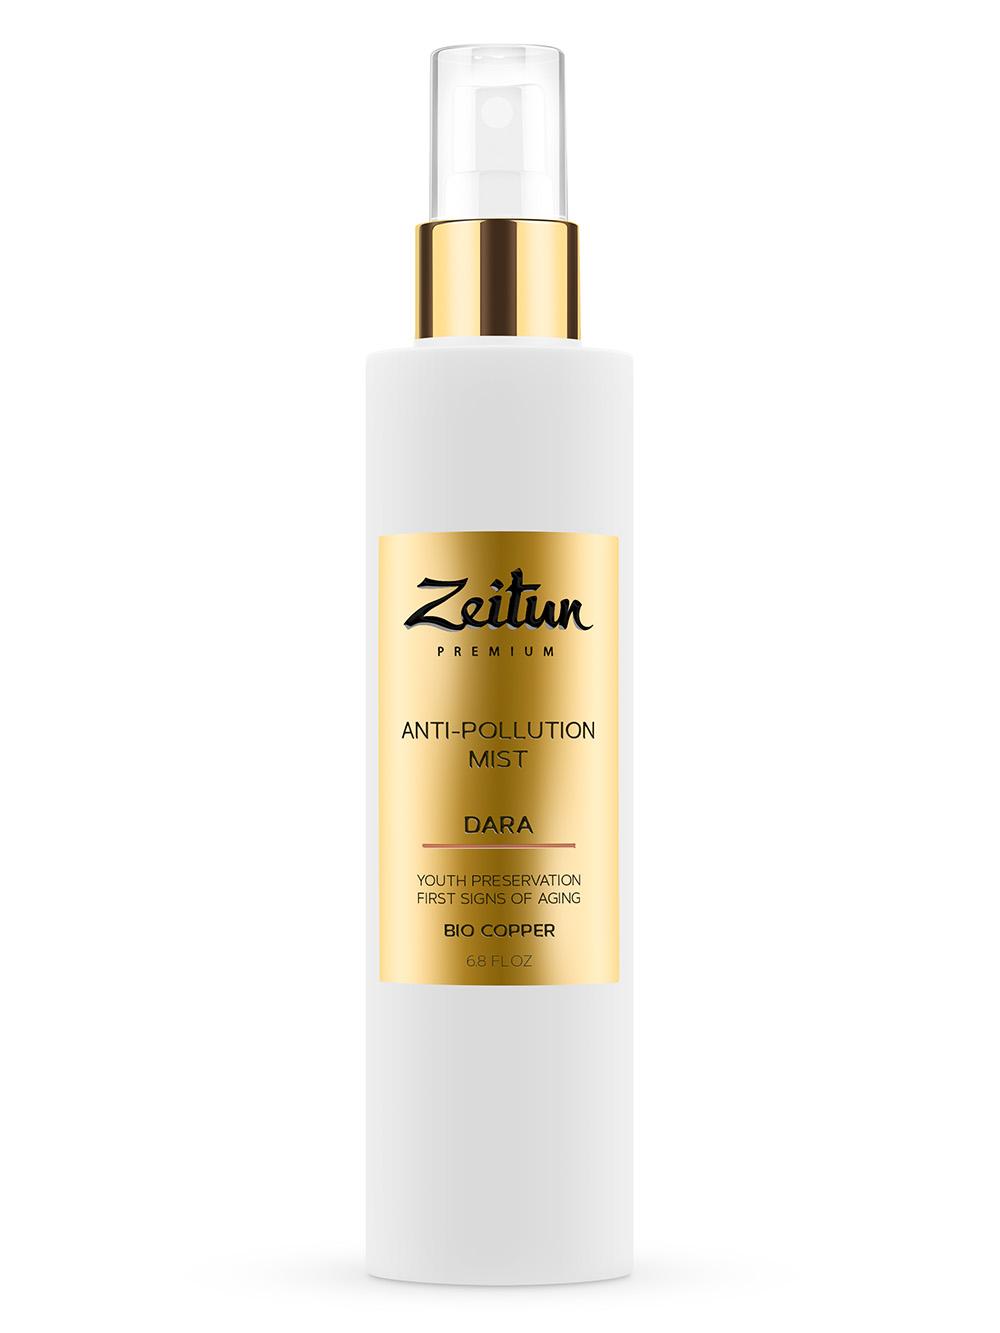 Купить ZEITUN Тоник-мист защитный для сохранения молодости кожи с био-медью / Dara 200 мл